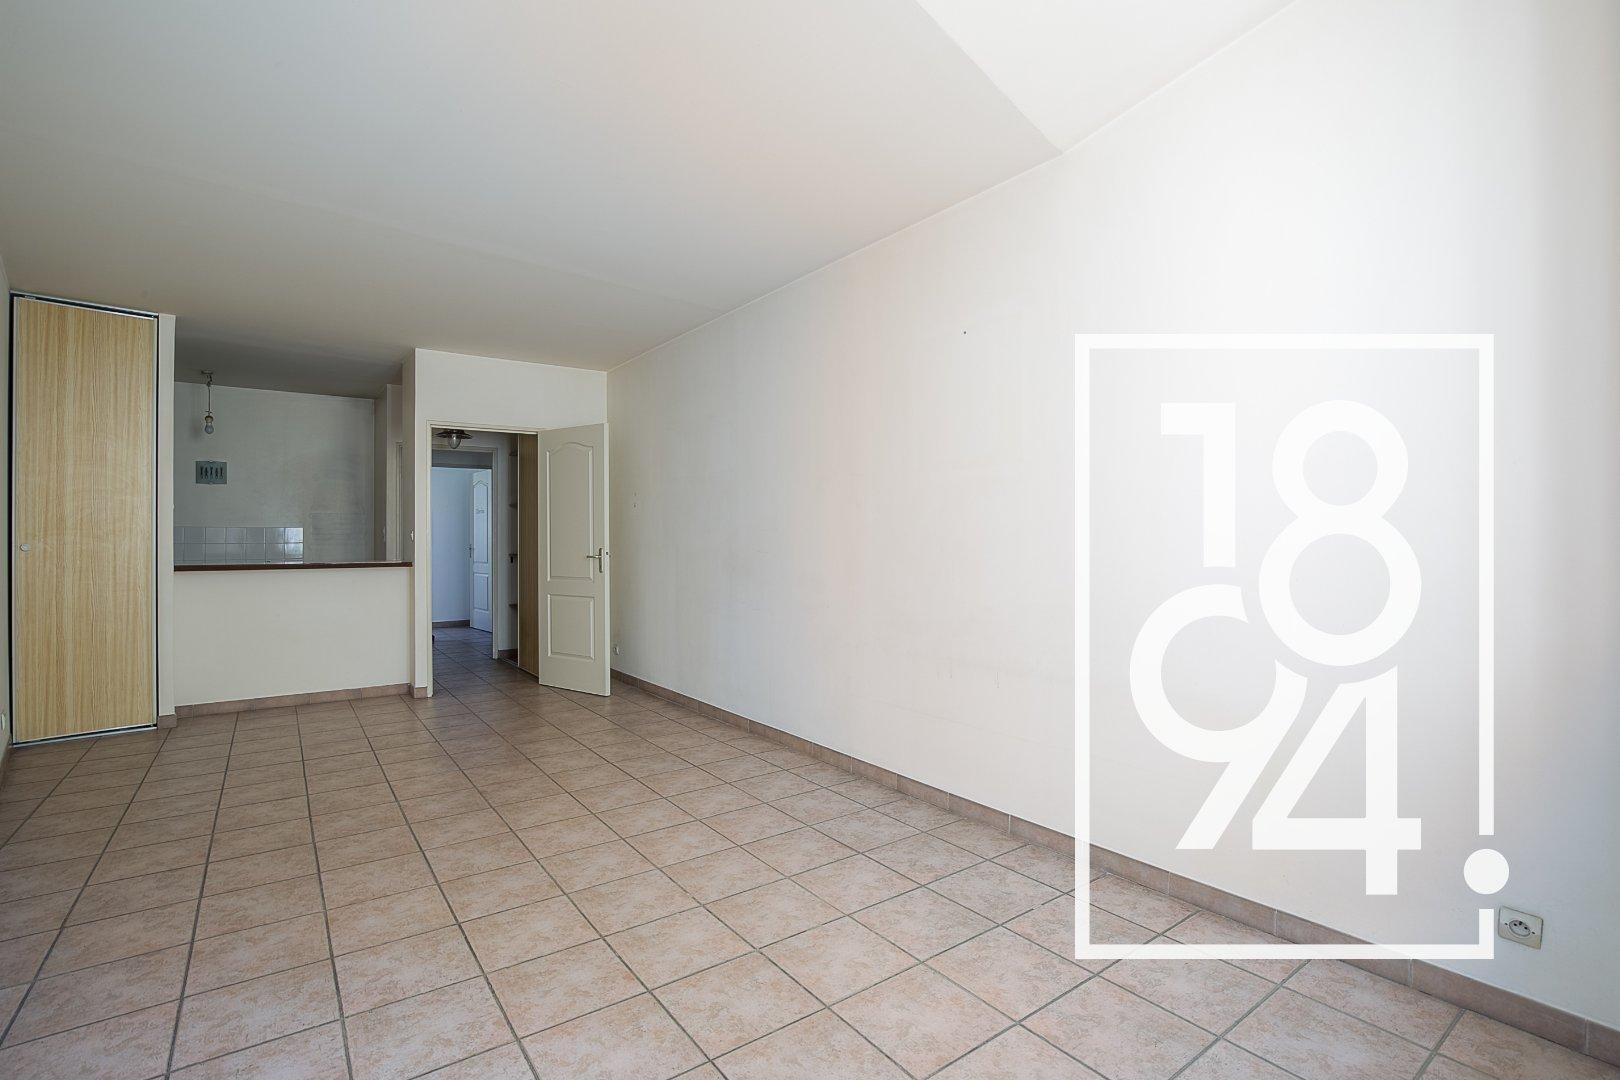 Appartement T3 61m² au coeur du panier